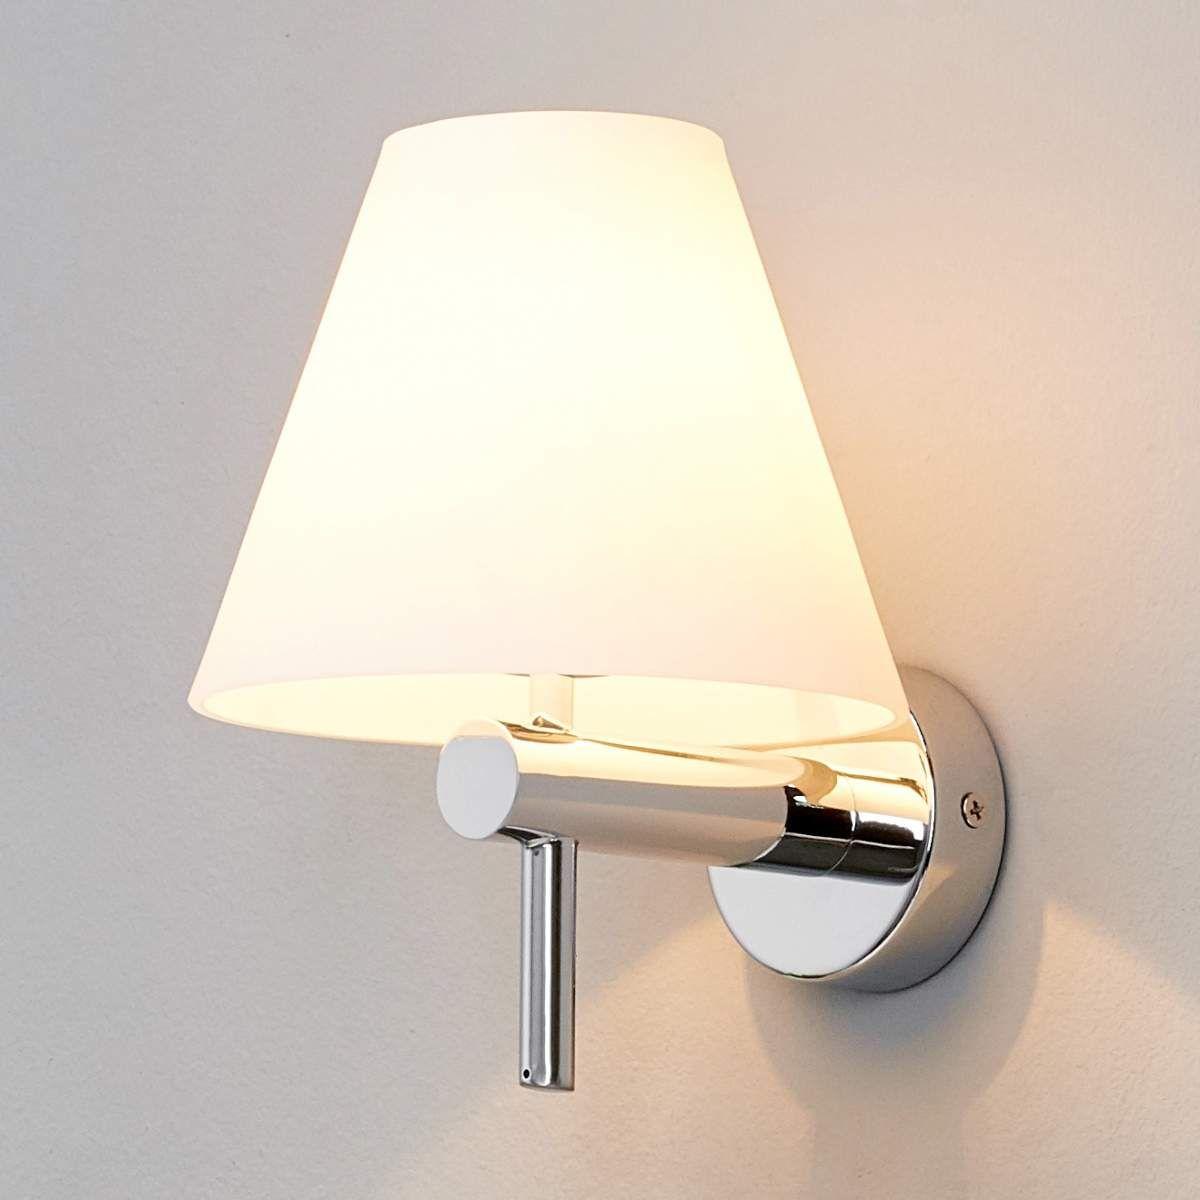 Wandleuchte Violetta Weiss Chrom Badezimmerlampe Glas